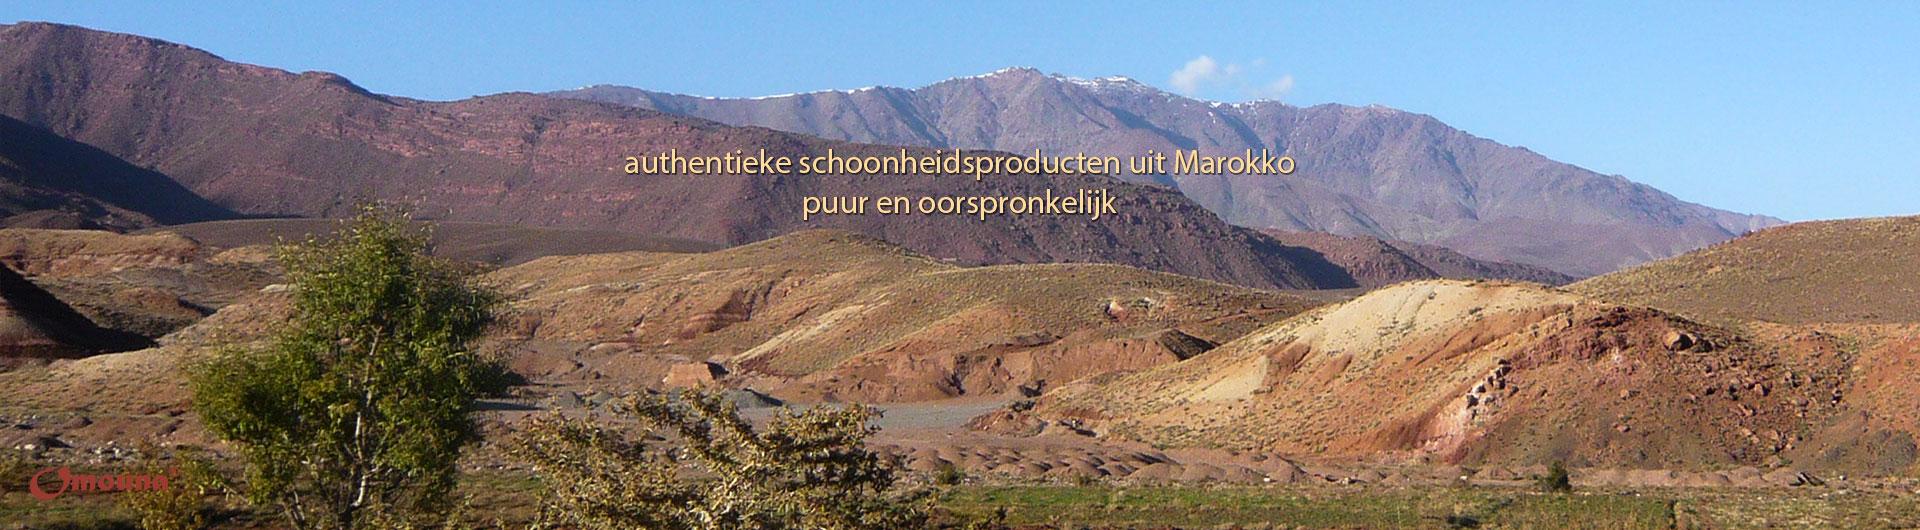 authentieke schoonheidsproducten uit Marokko puur en oorspronkelijk